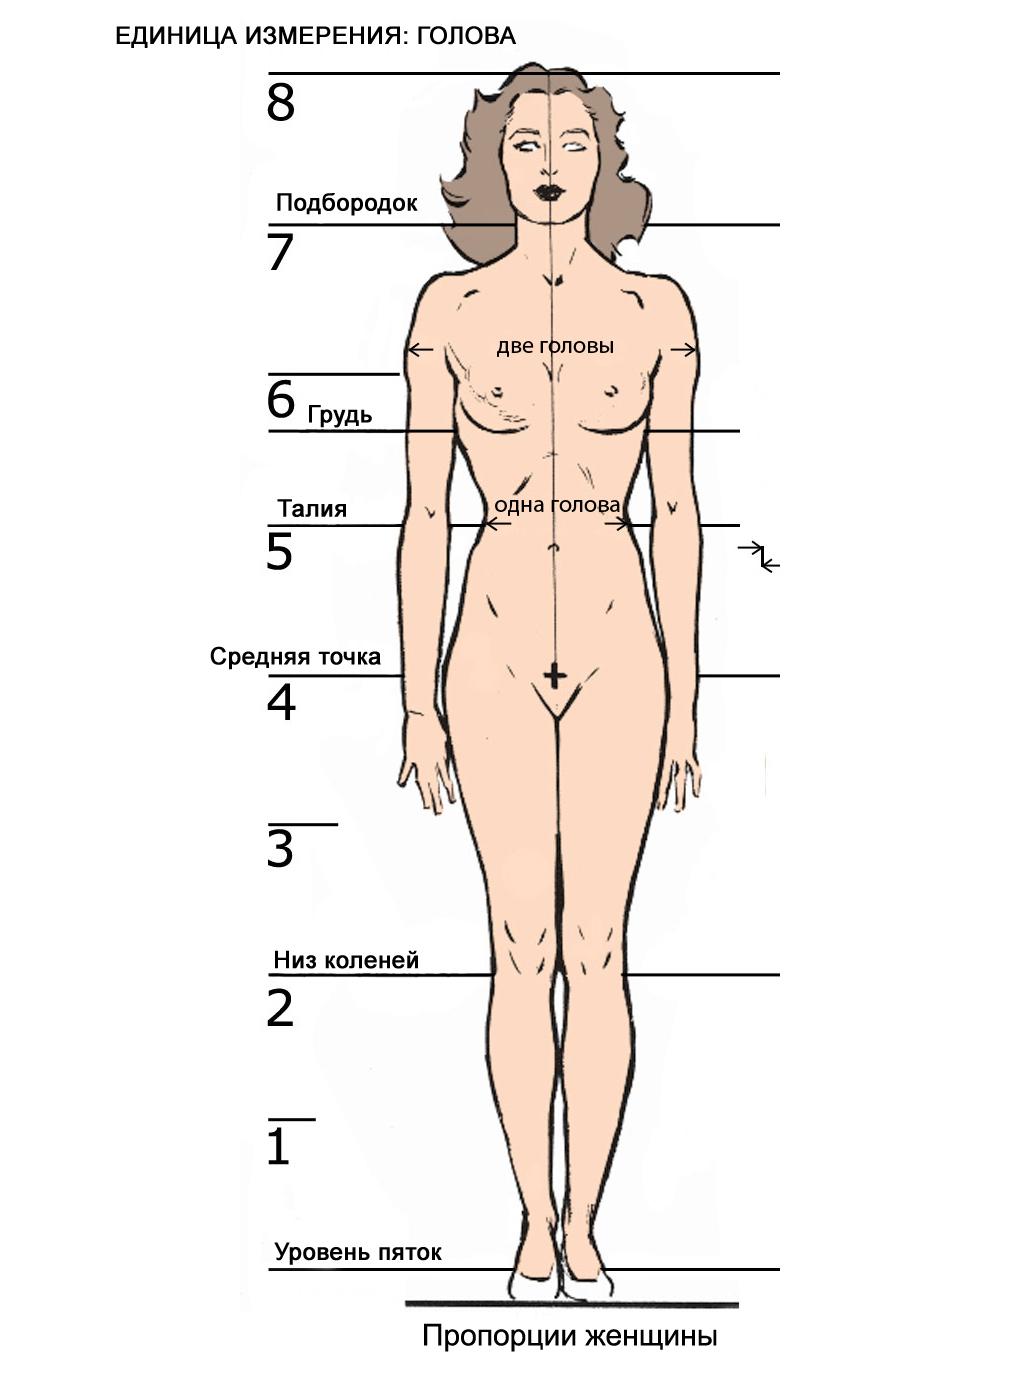 proporcii-zhenshini Как рисовать ноги человека? Подробно рассмотрим строение и технику рисования